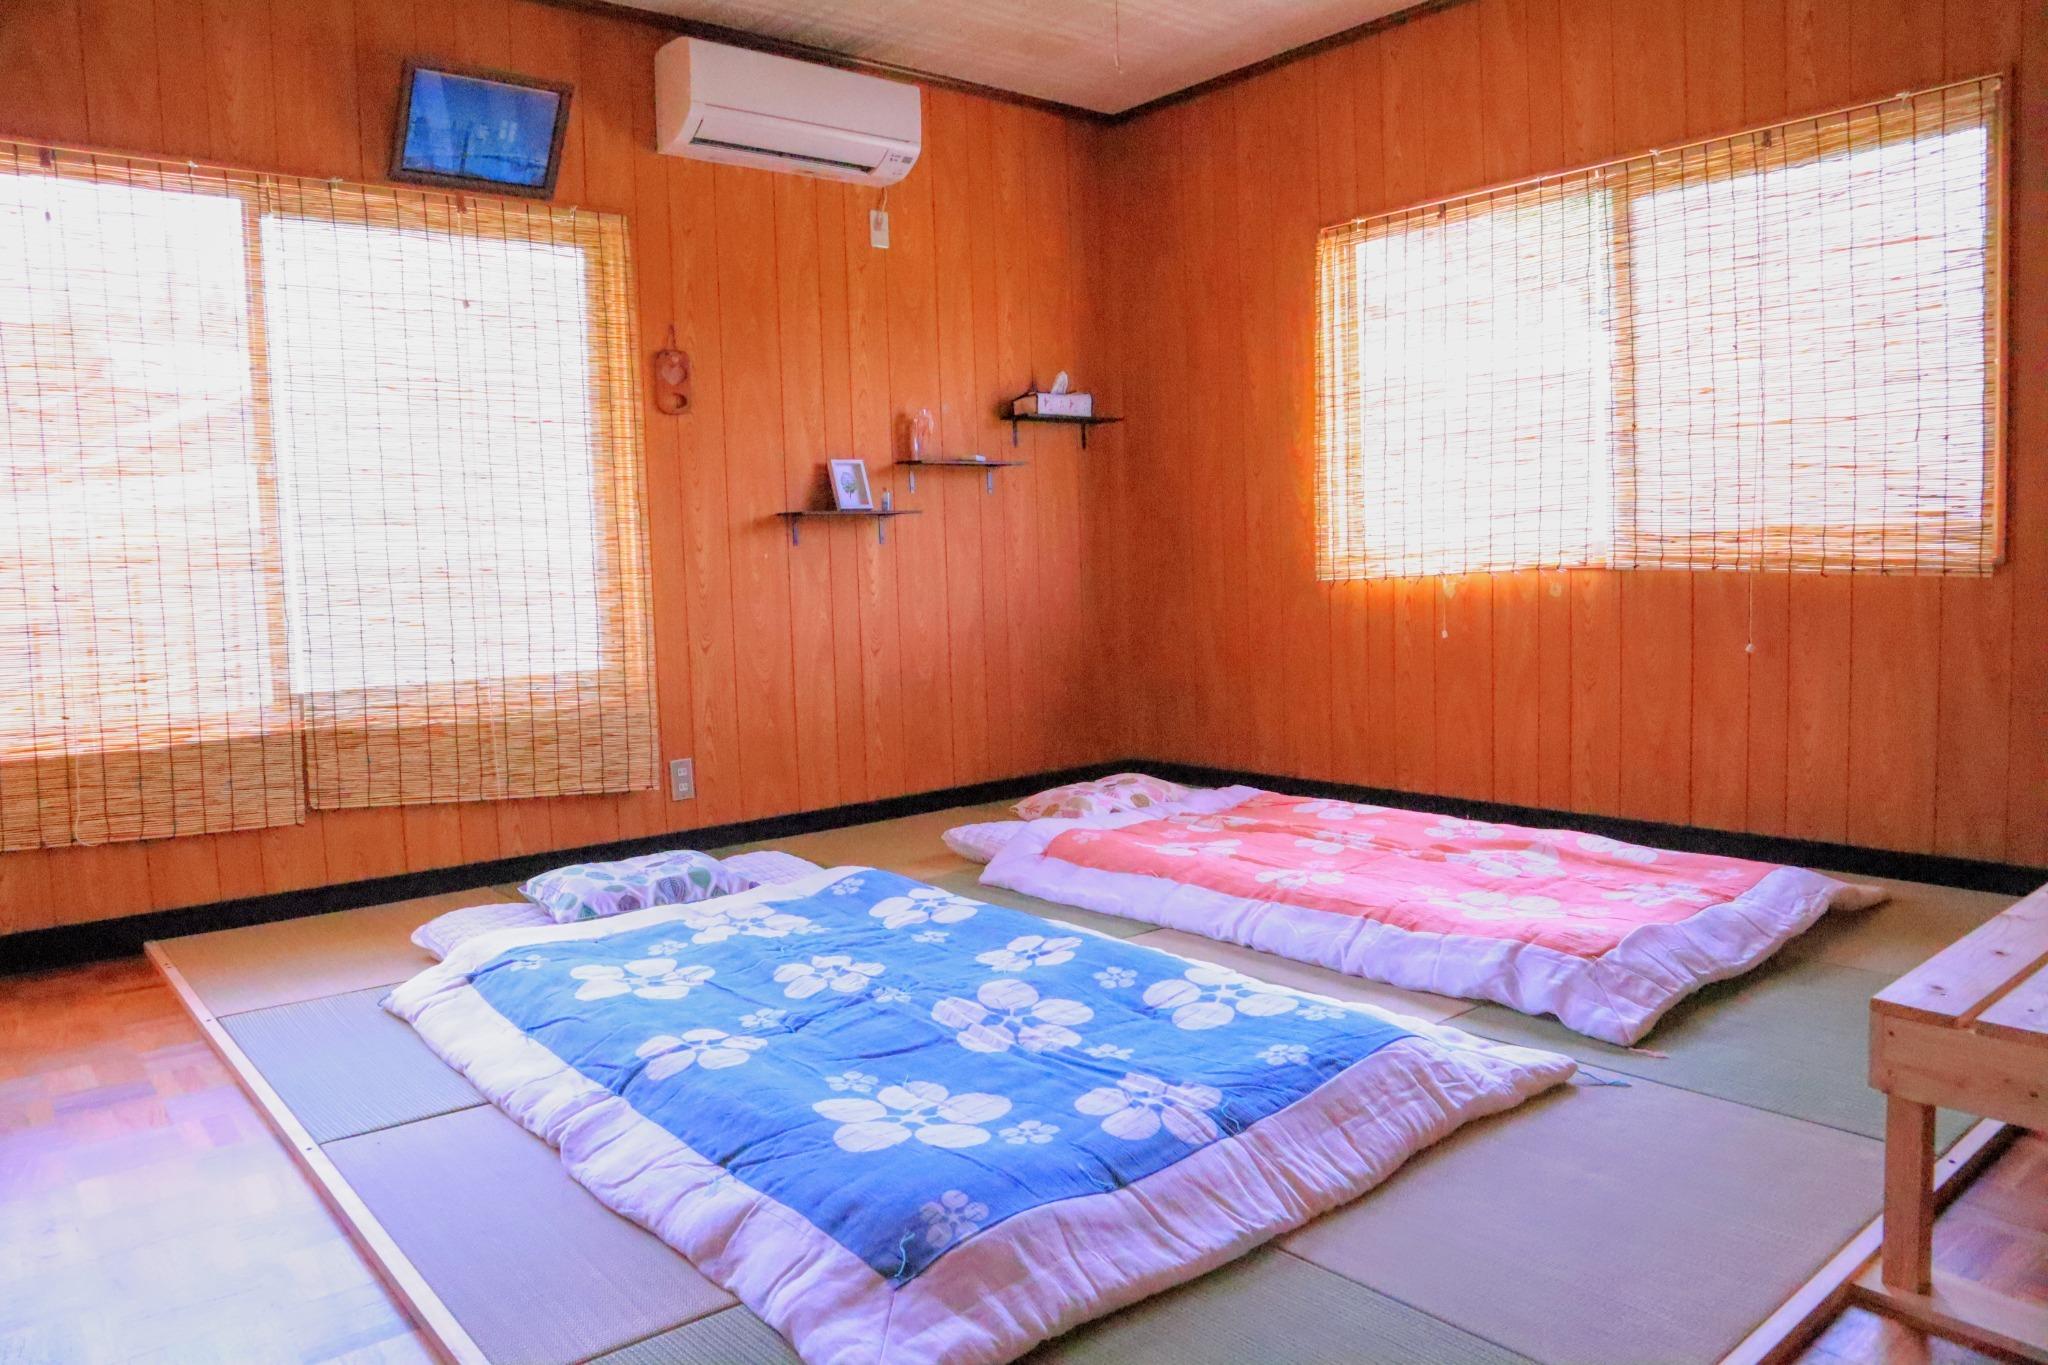 瀬戸内海から徒歩10分、自然に囲まれた一棟貸しの宿。BBQやドローン撮影など様々な体験プラン有り